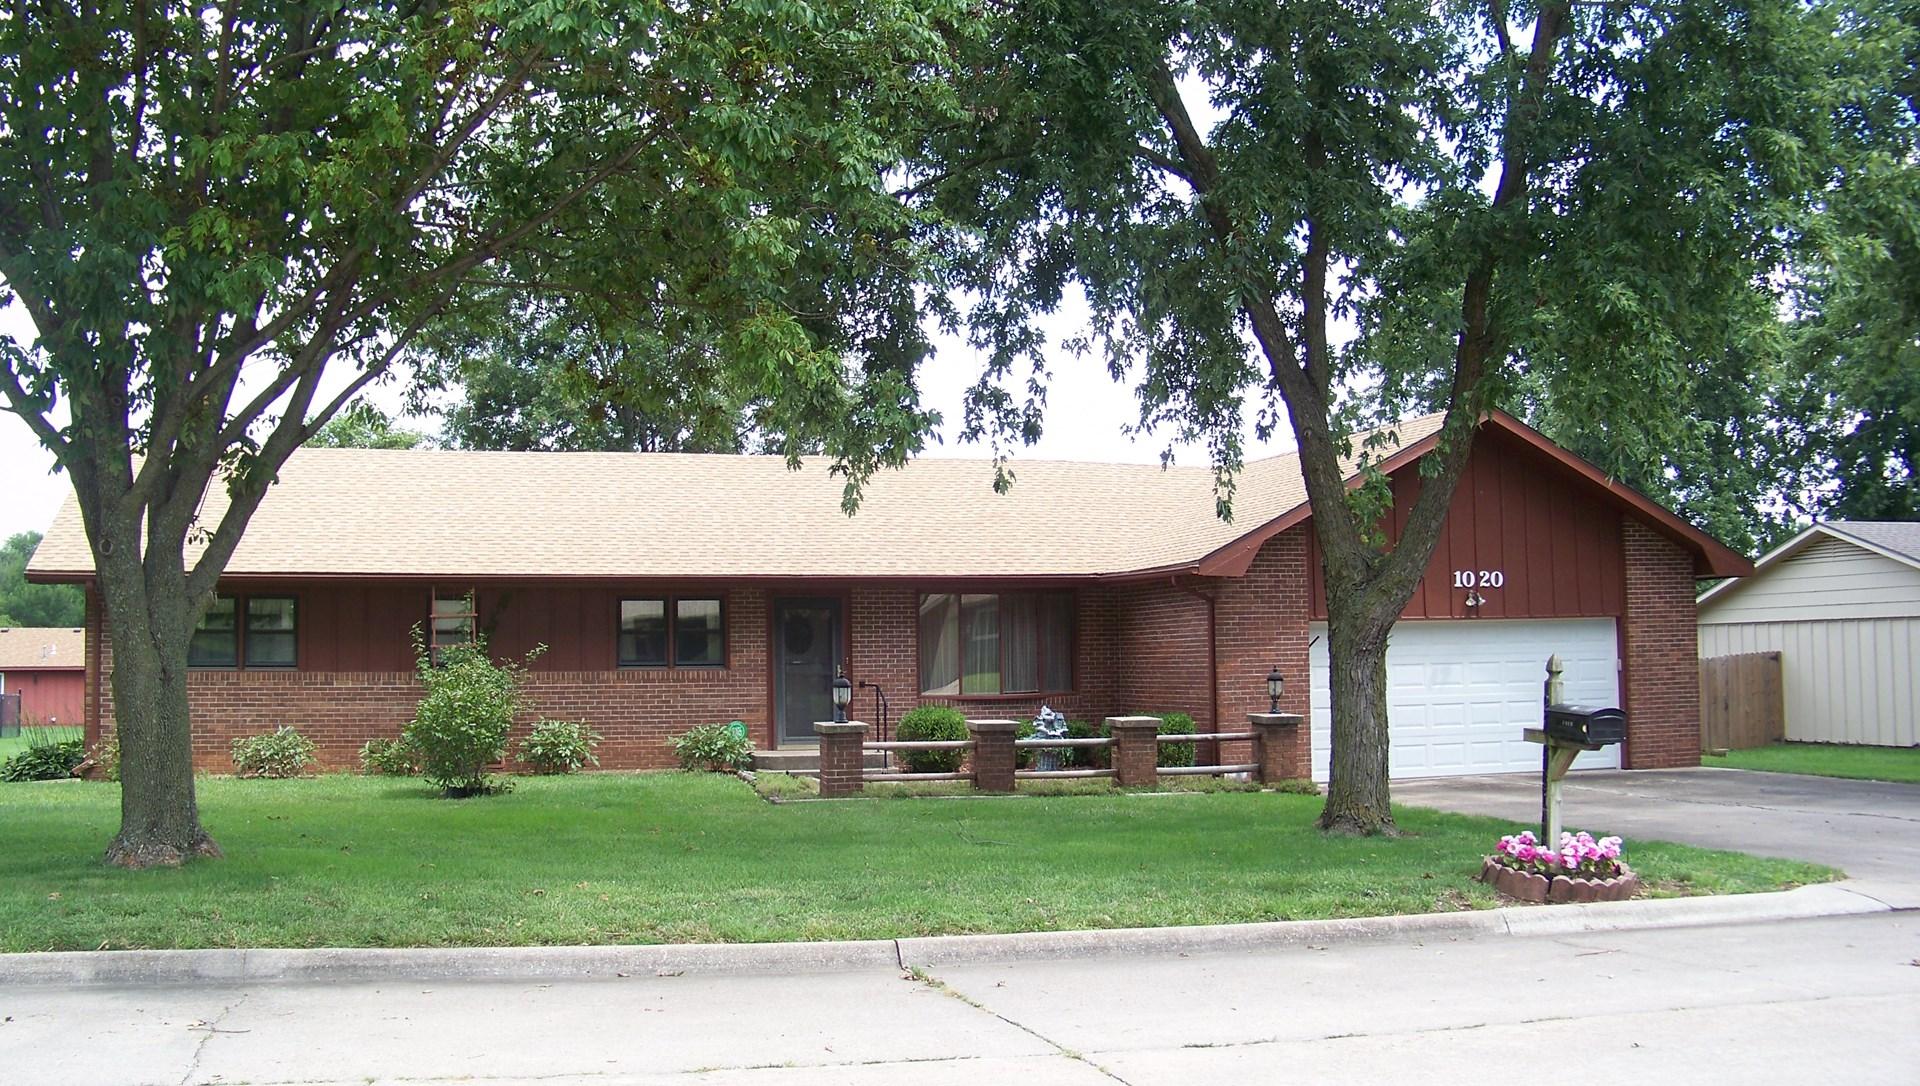 Chanute Kansas Real Estate - Homes, Farms, Ranches, Land